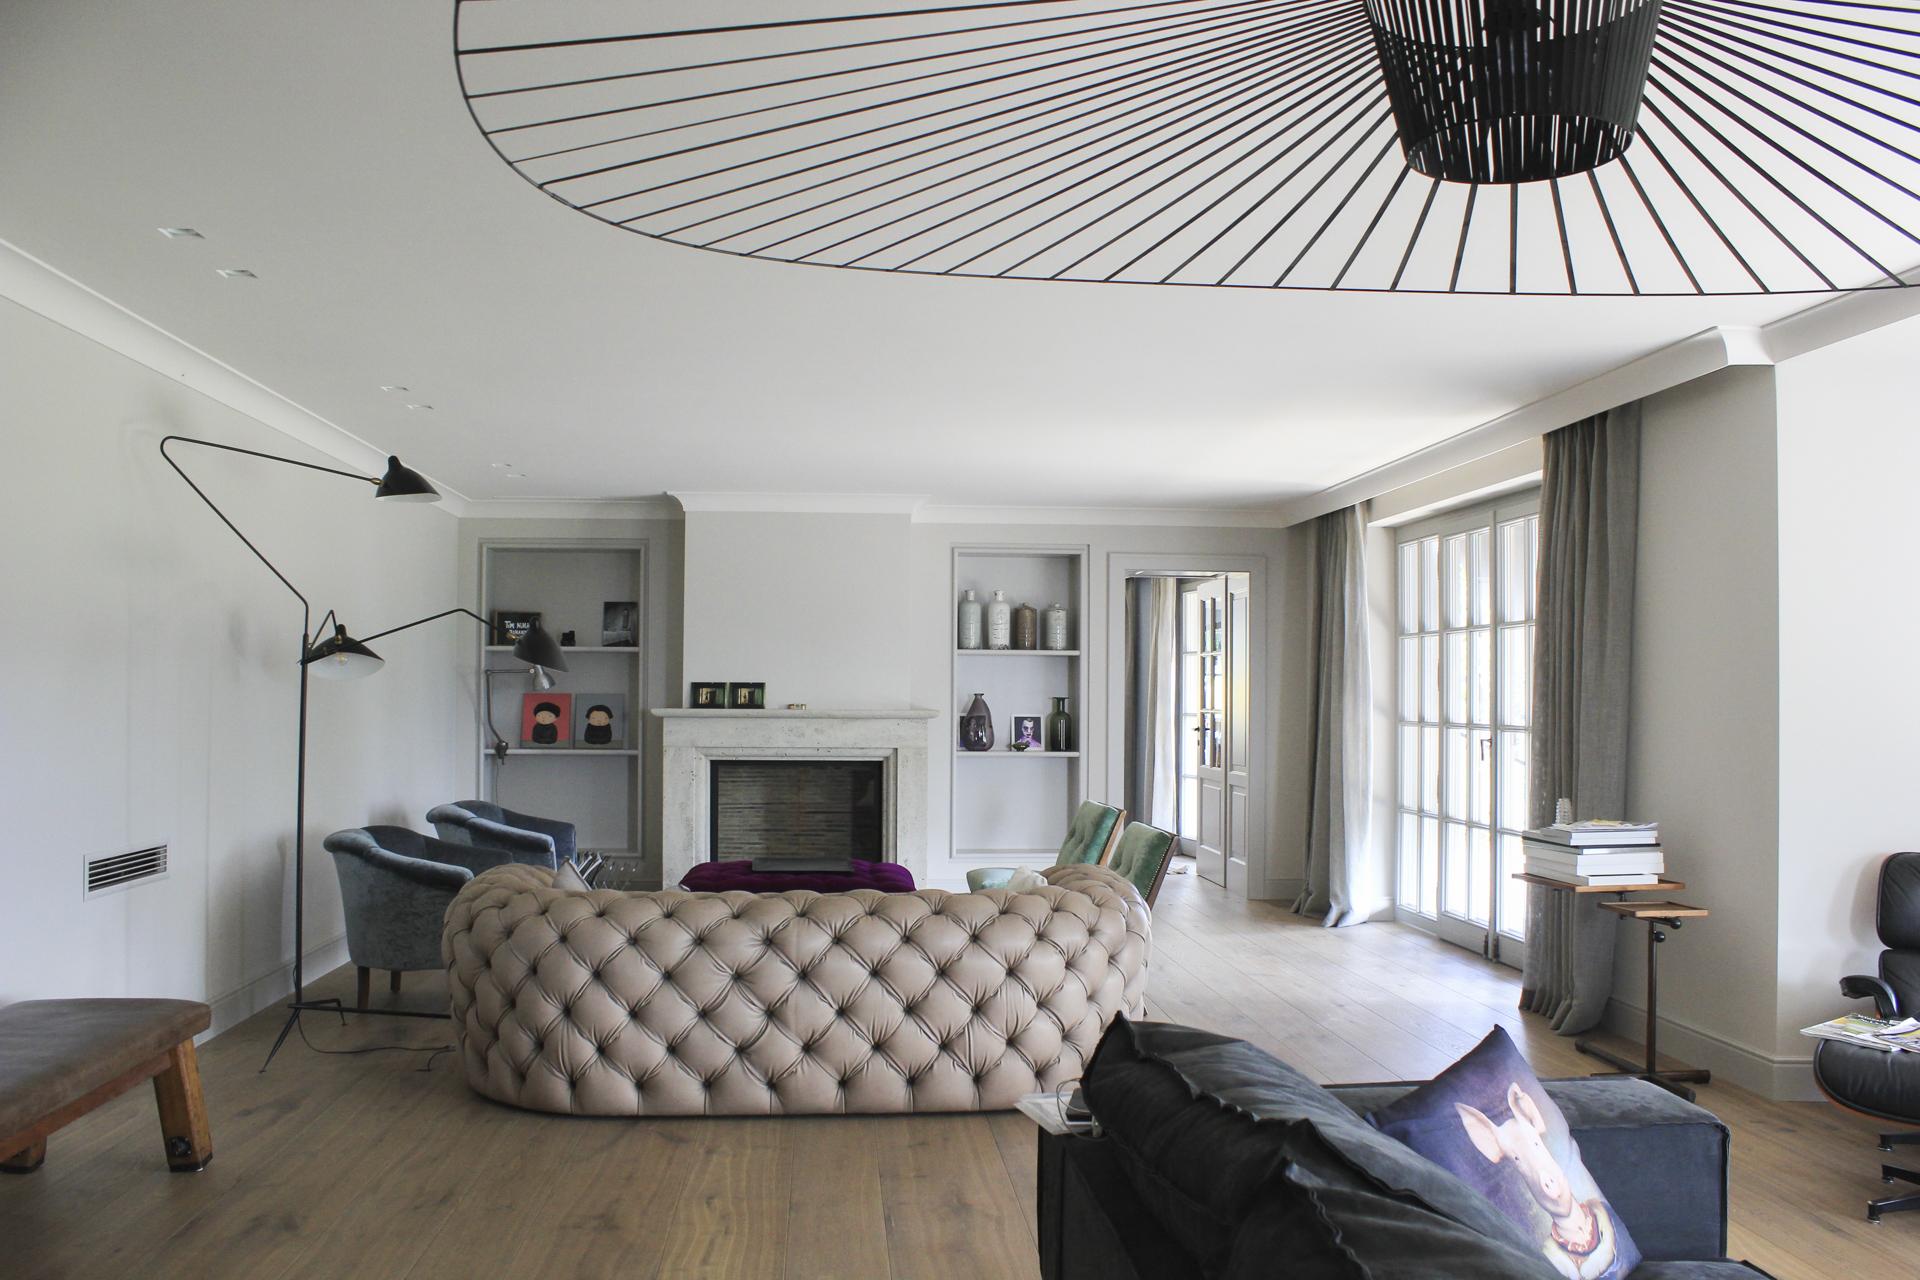 tischlerei-decker-landhaus-herliberg-wohnzimmer